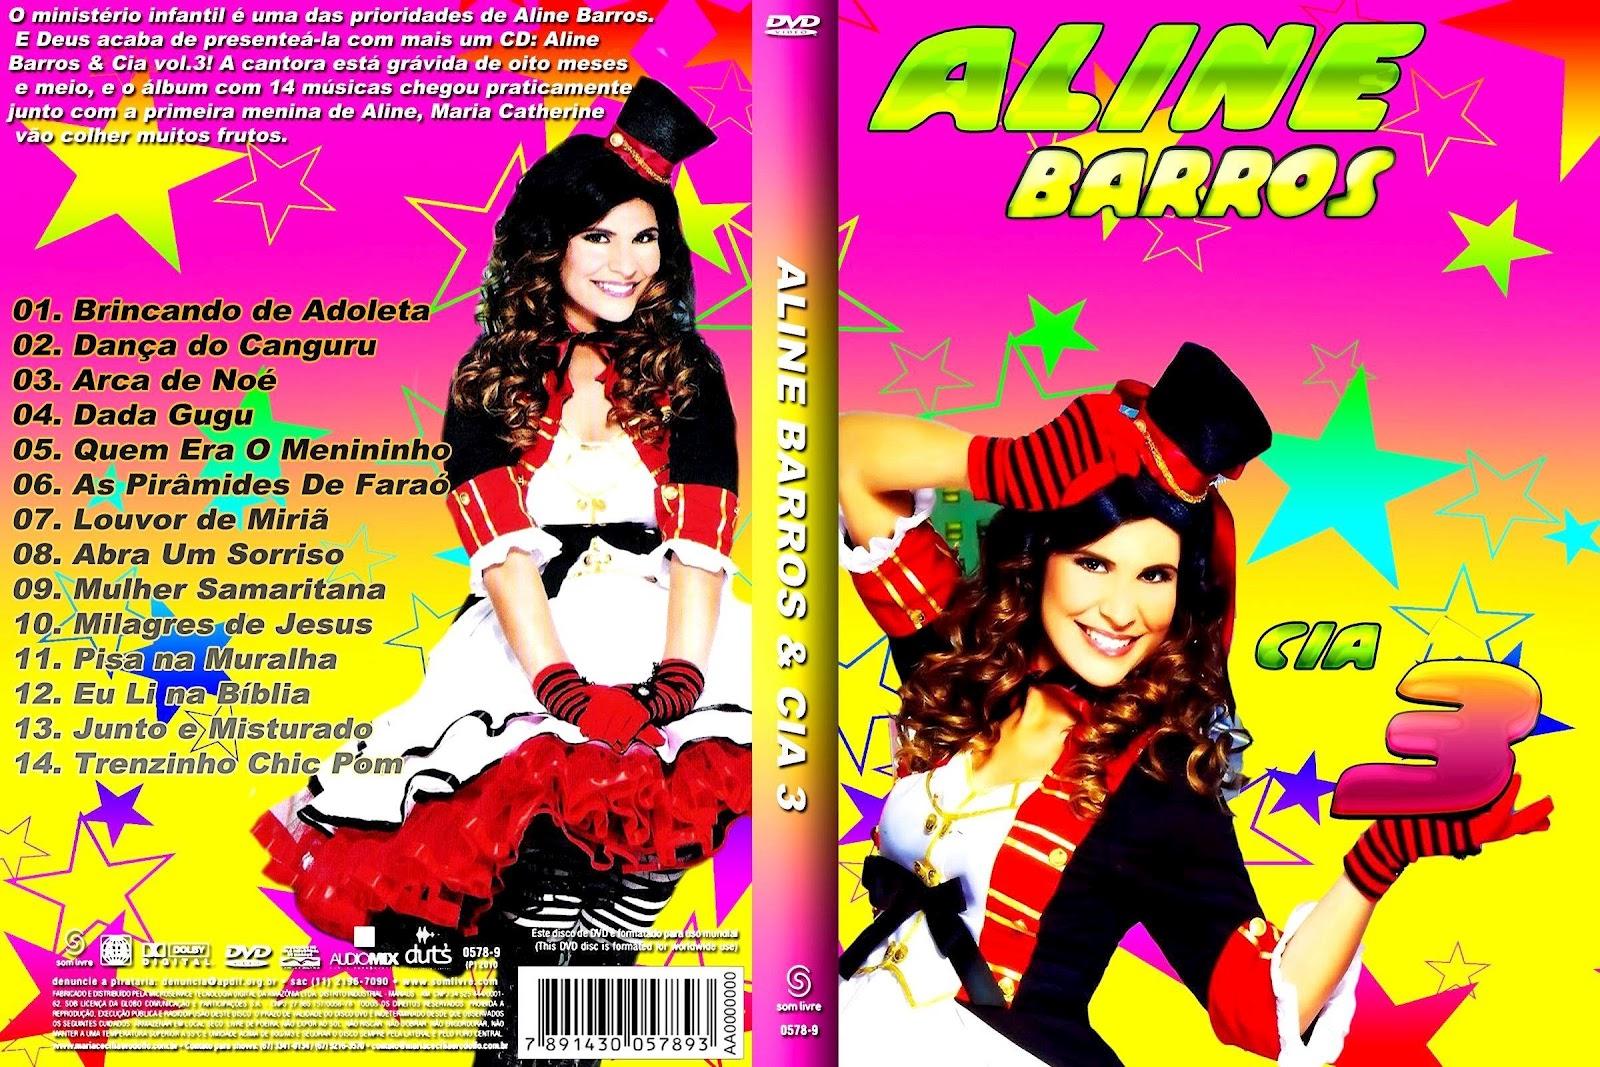 ALINE BARROS CIA 1 AVI E BAIXAR DVD